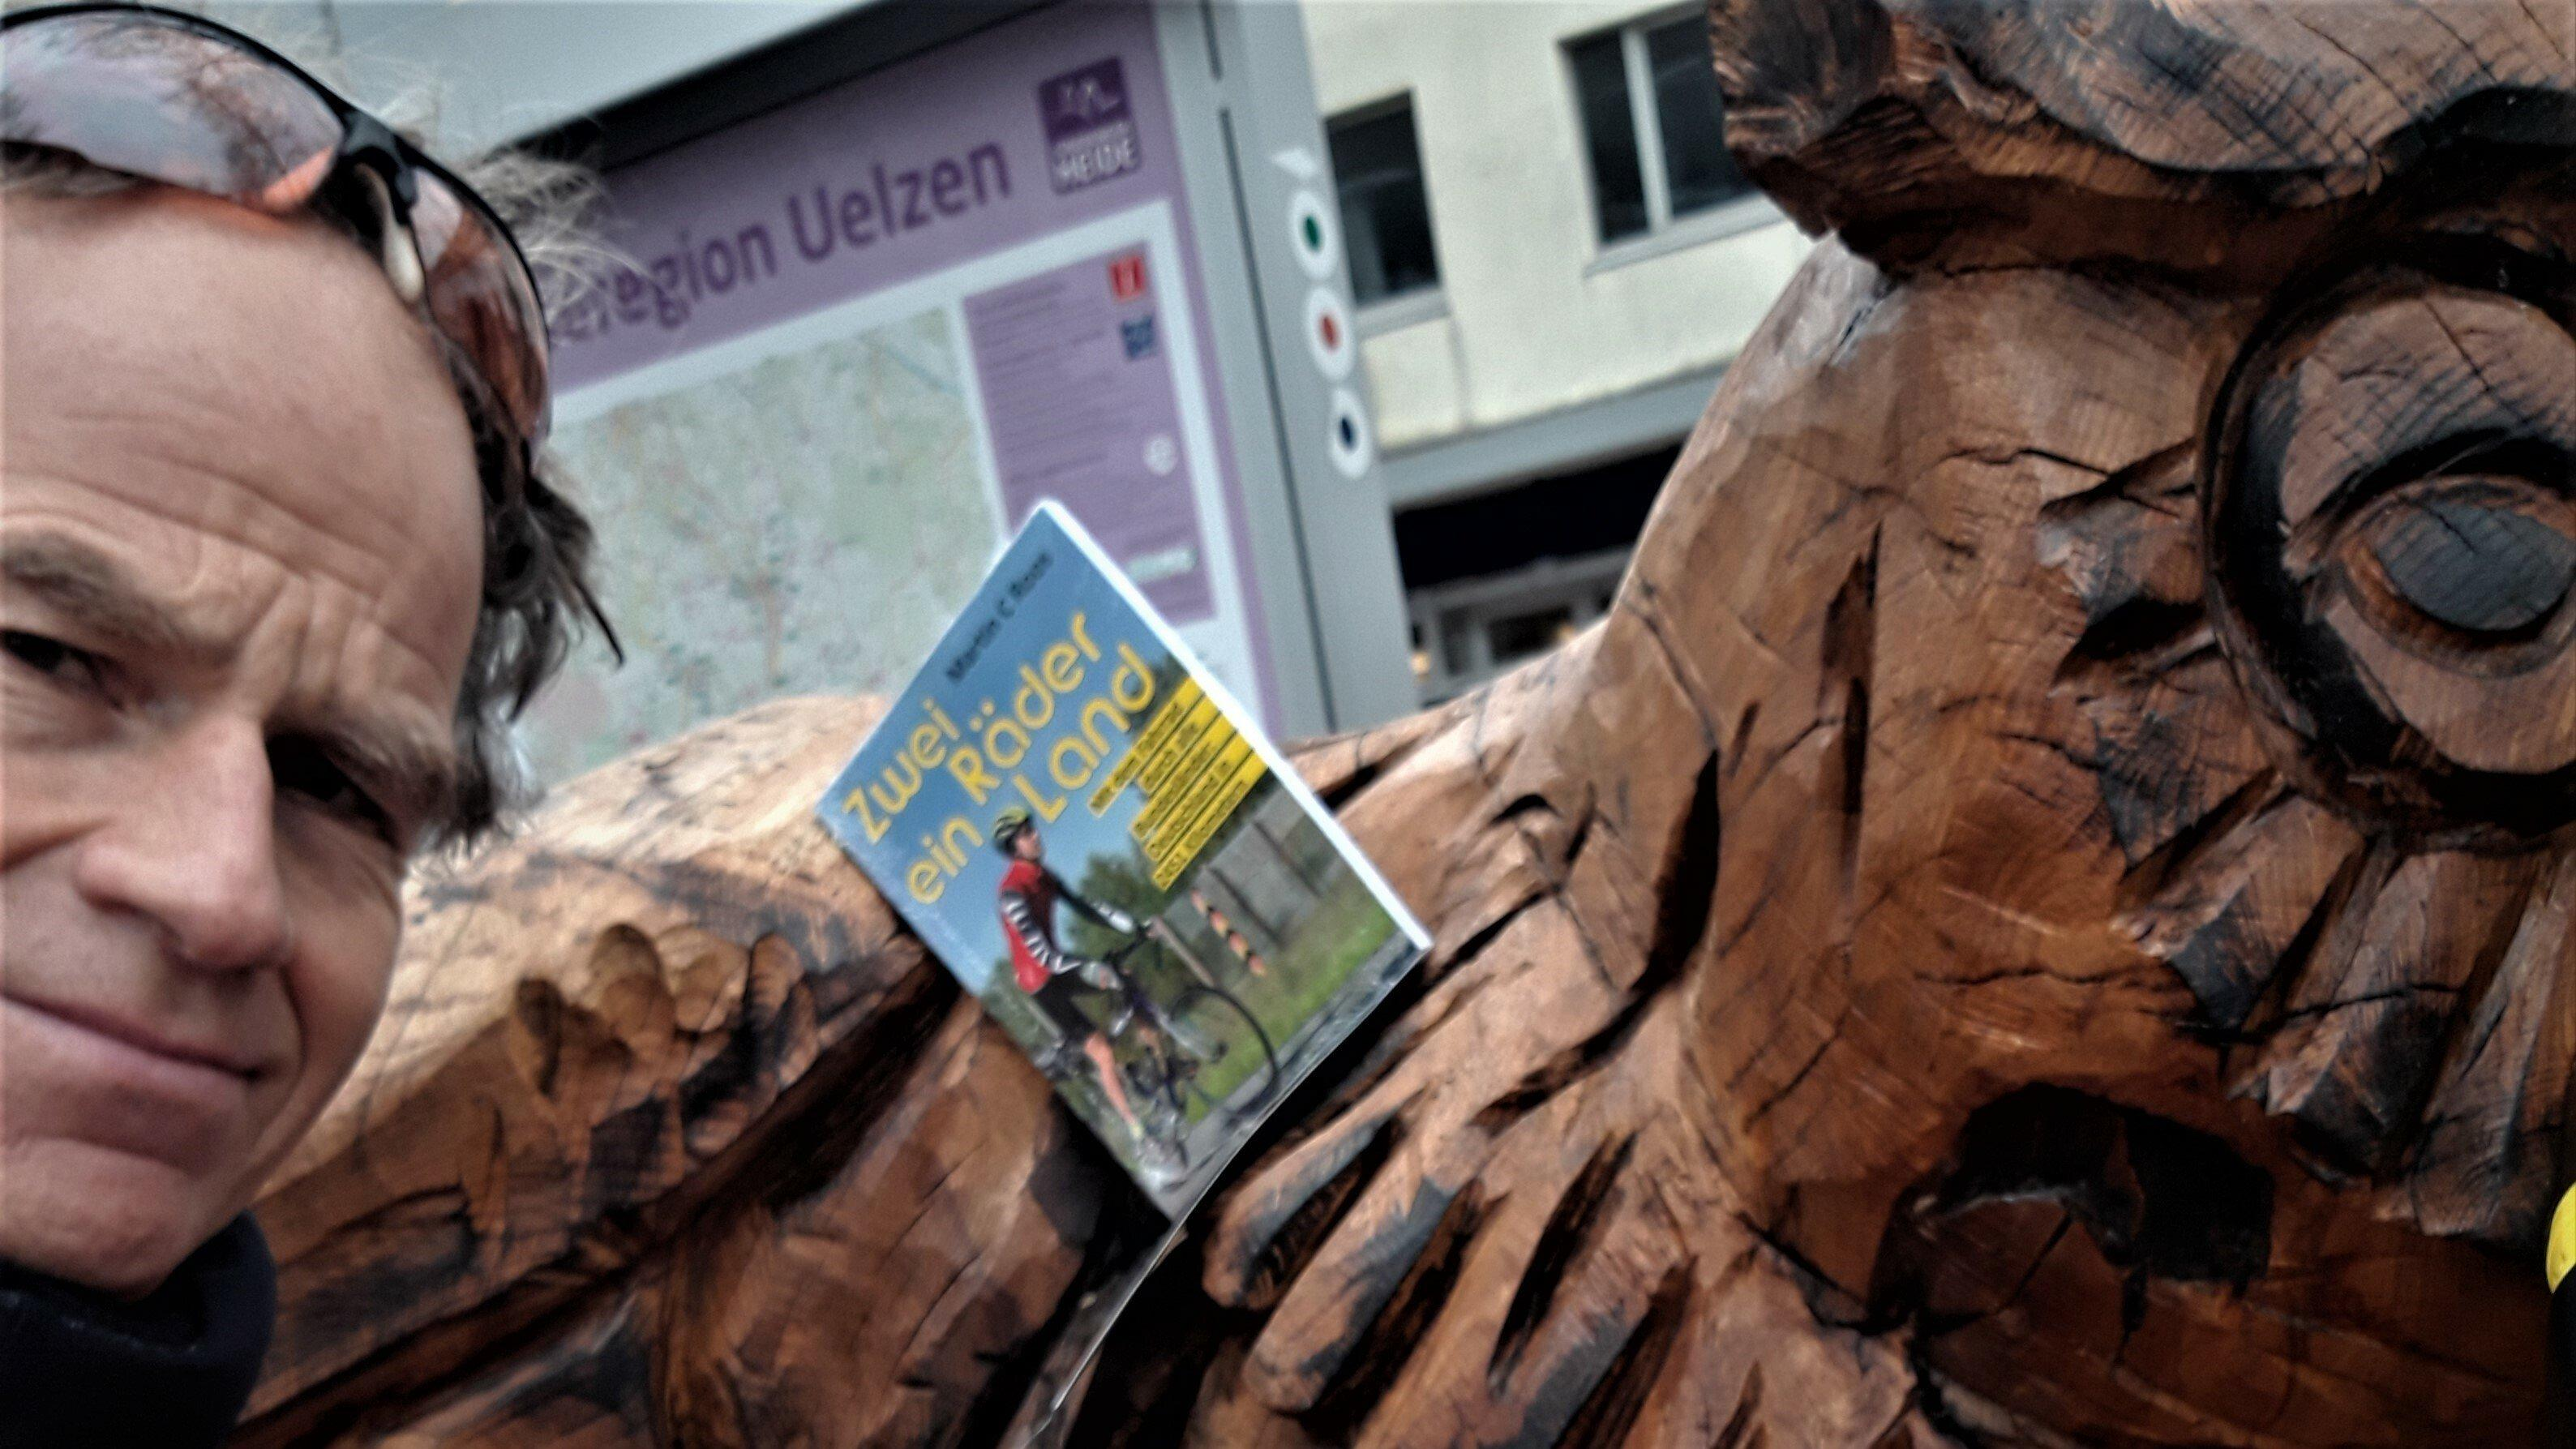 """Der RadelndeReporter rastet an der riesigen Eulen-Bank mitten in Uelzen, geschaffen vom Motorsägenkünstler Andrée Löbnitz, um sein Buch """"Zwei Räder, ein Land"""" der Öffentlichkeit zu präsentieren."""